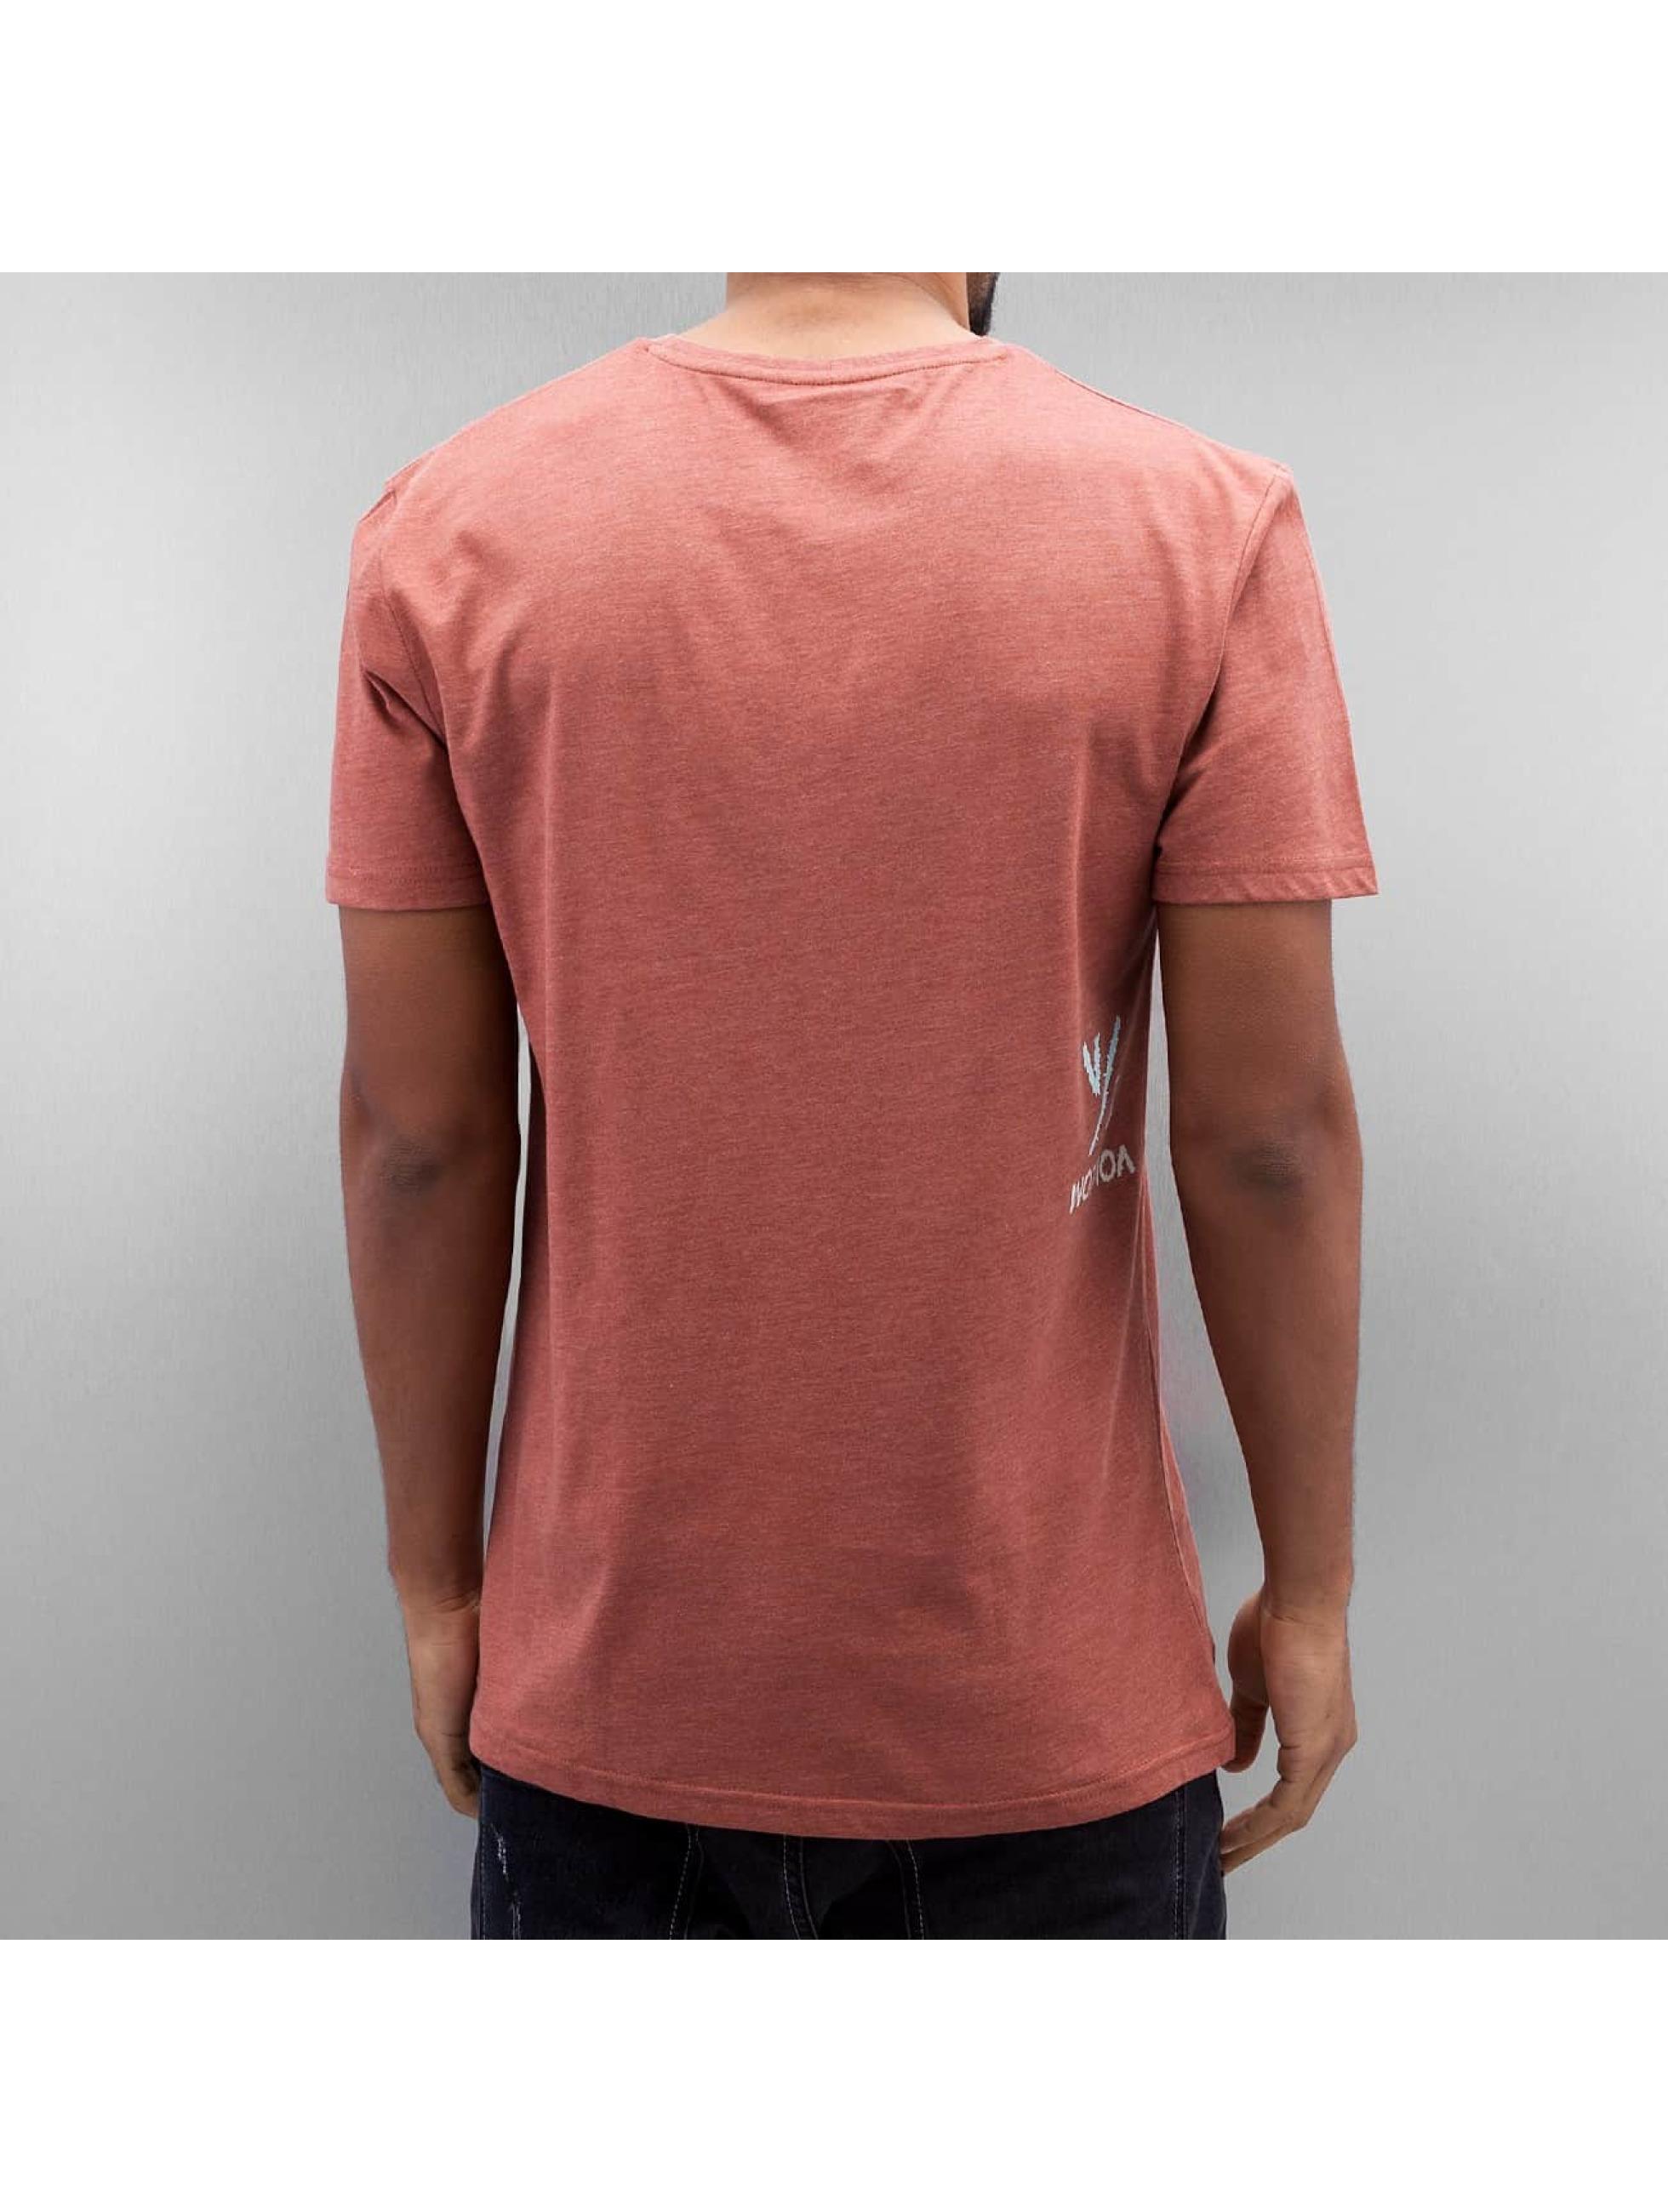 Volcom T-Shirt Jag red